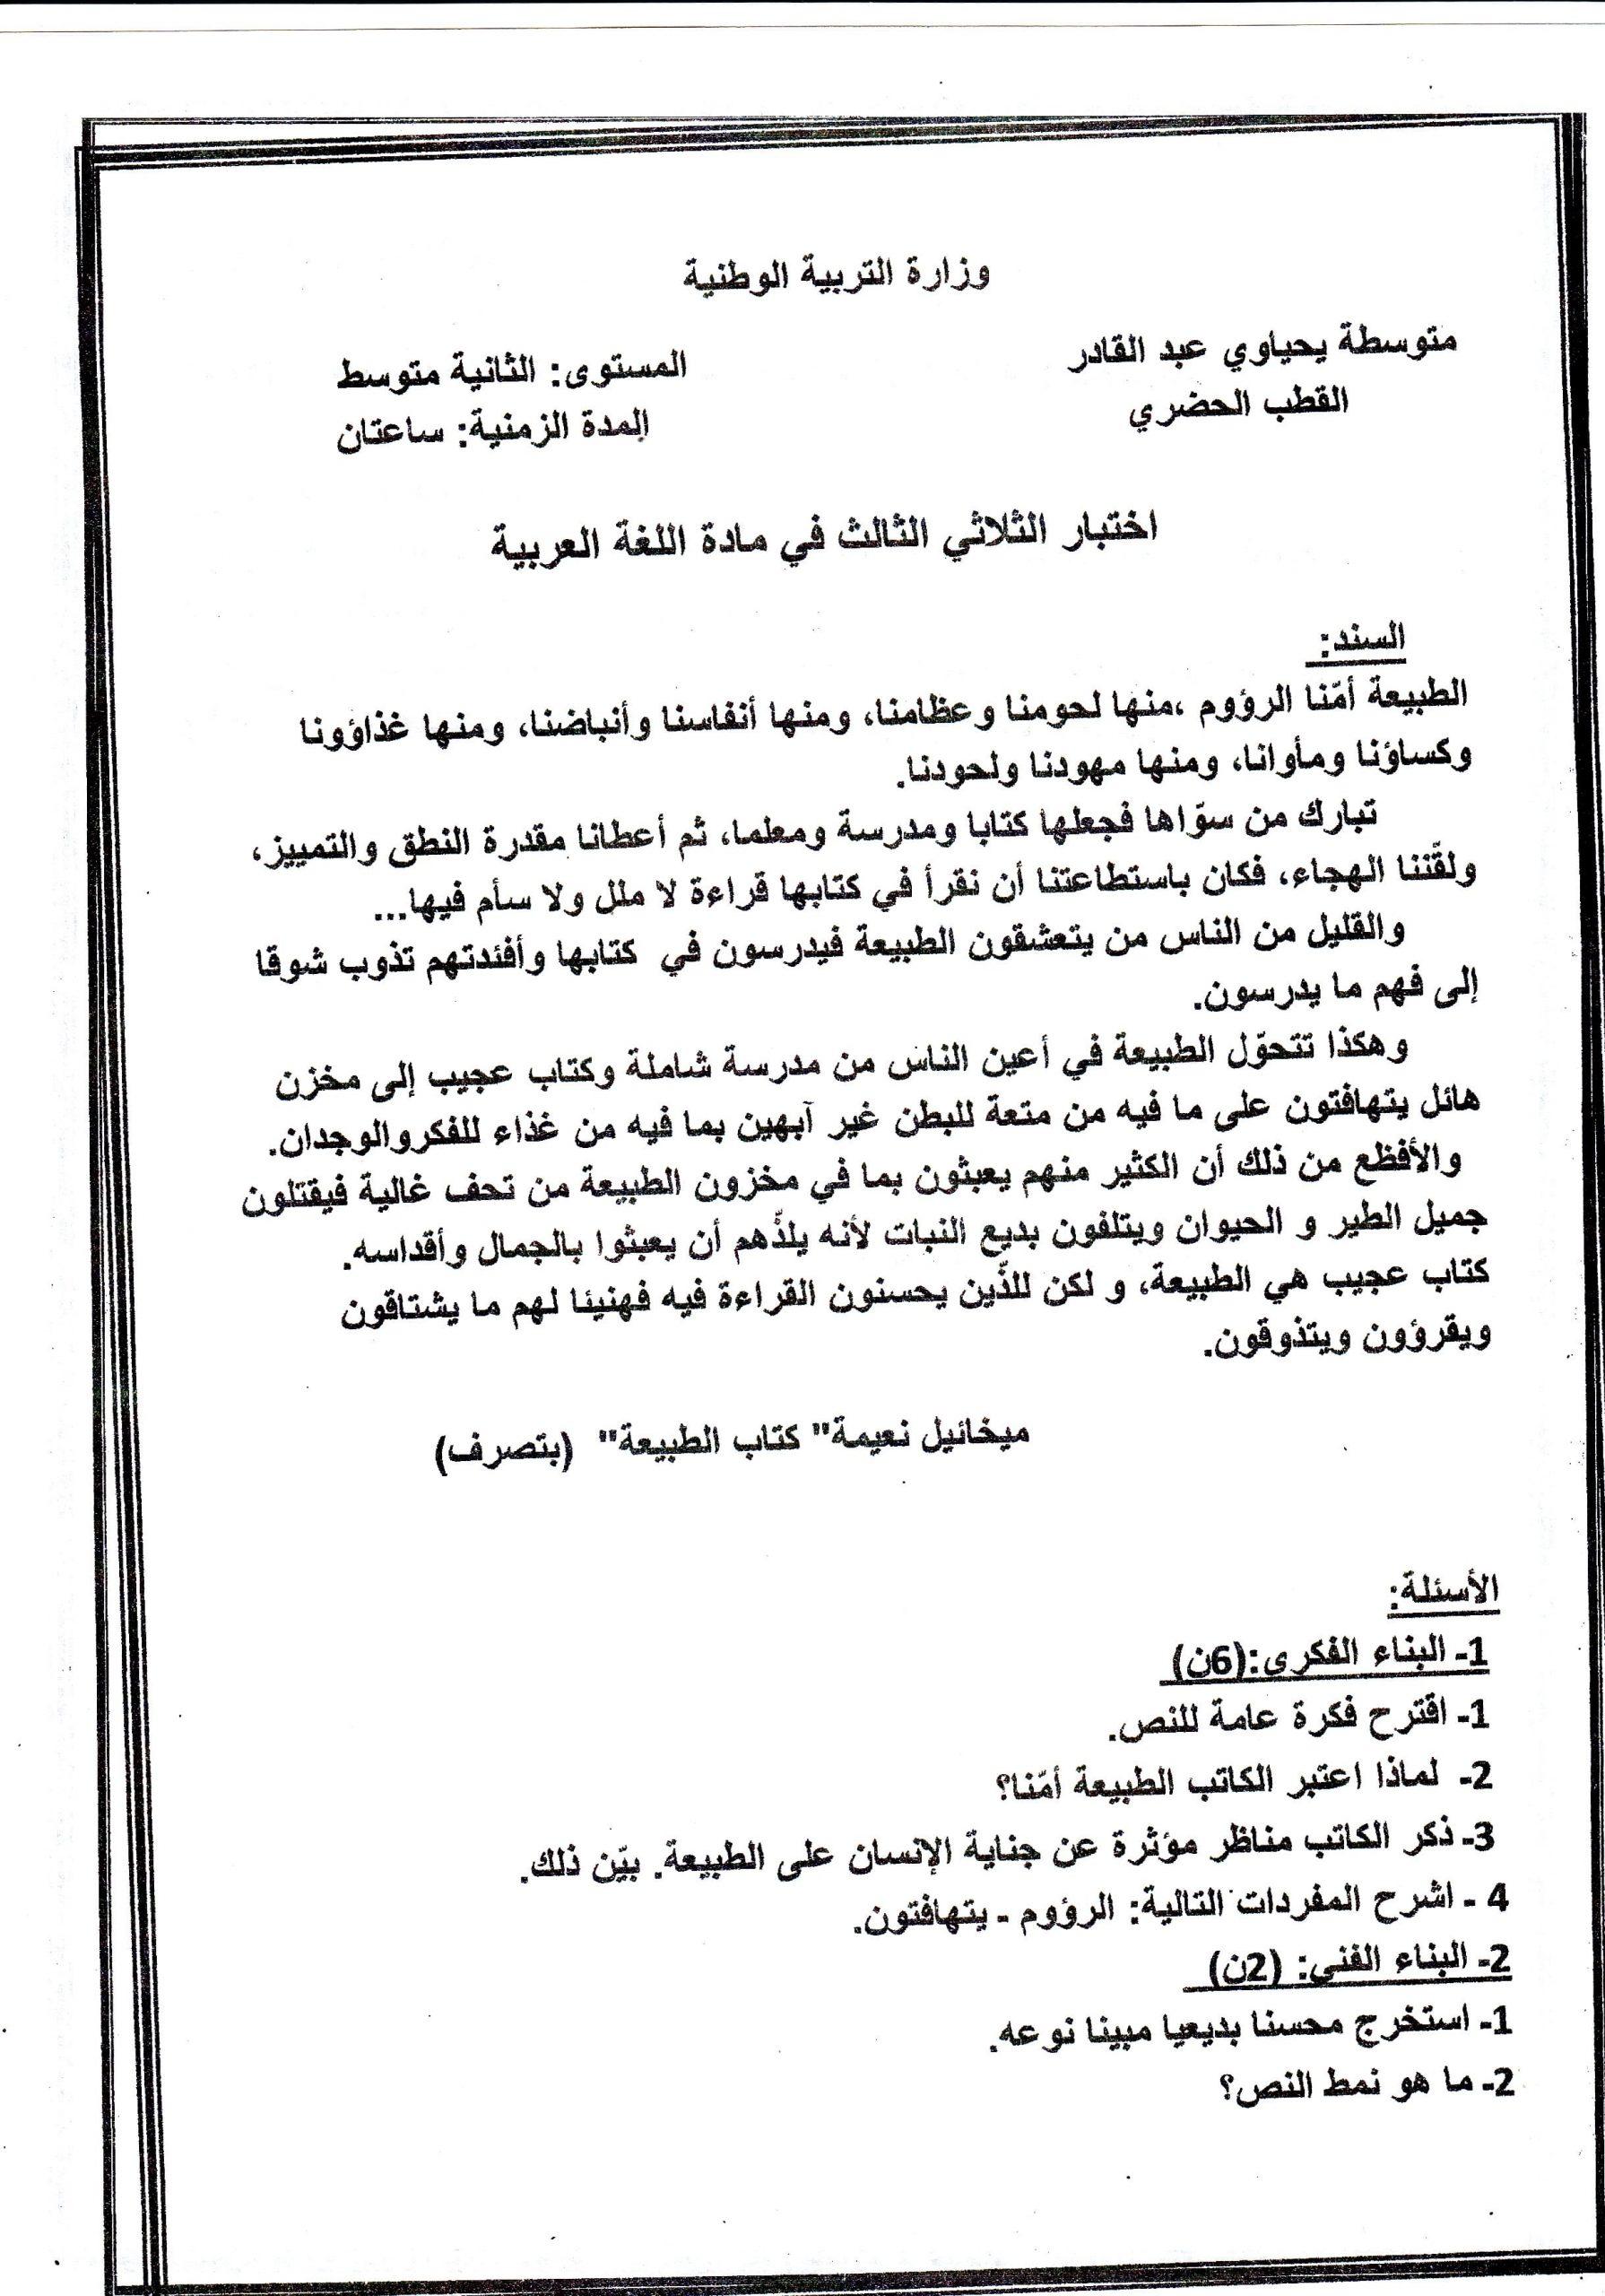 اختبار الفصل الثالث في اللغة العربية للسنة الثانية متوسط - الموضوع 04